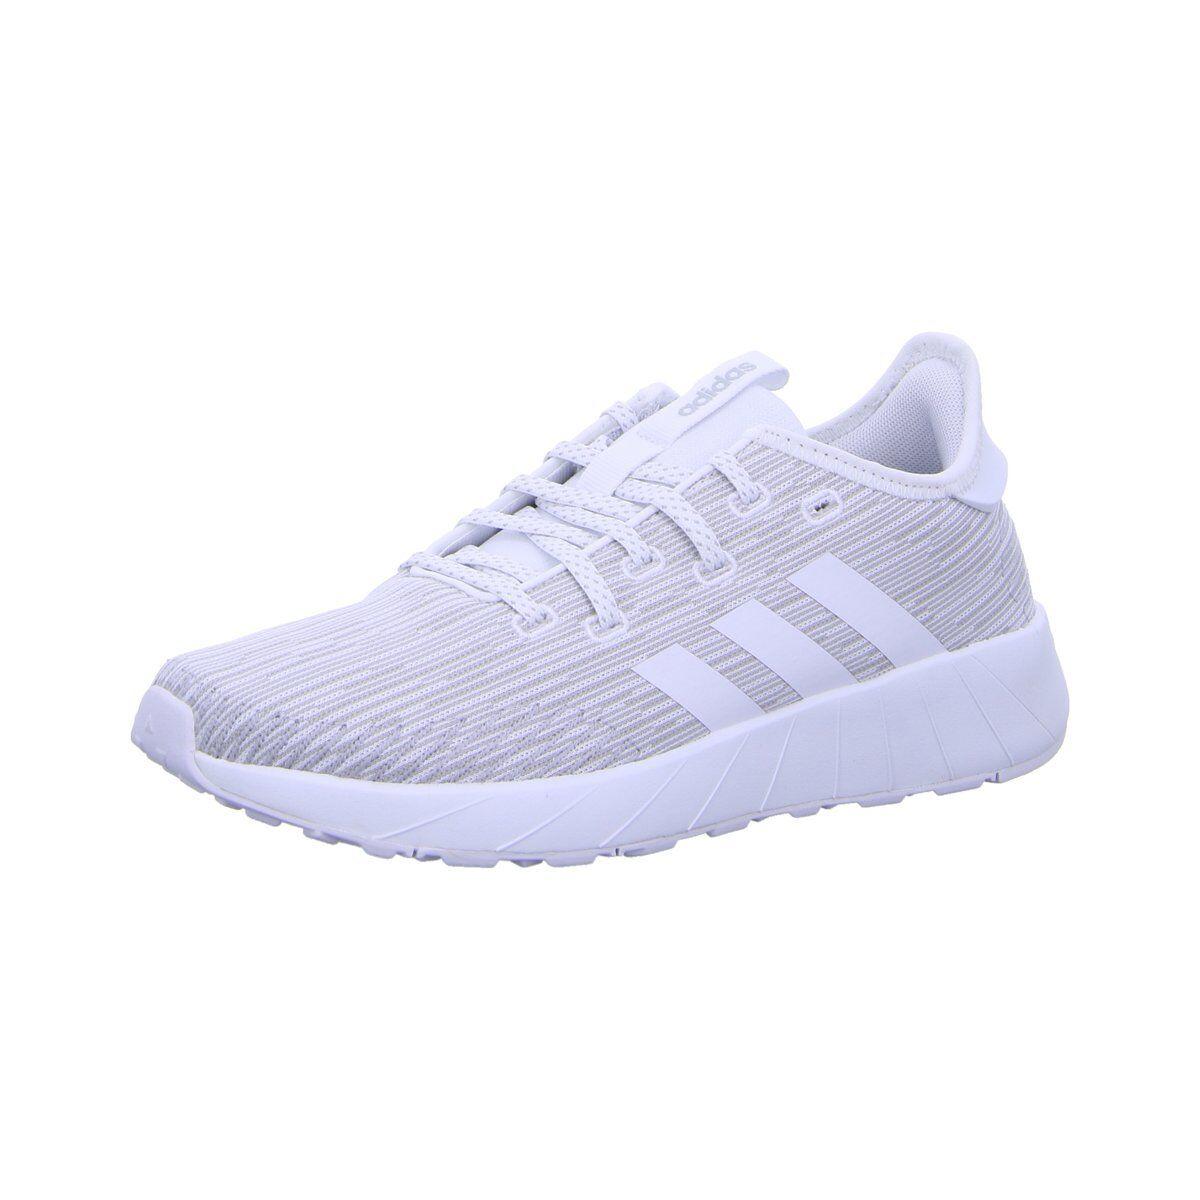 Adidas Core Damen Questar X B96483 weiß 496799 Beliebte